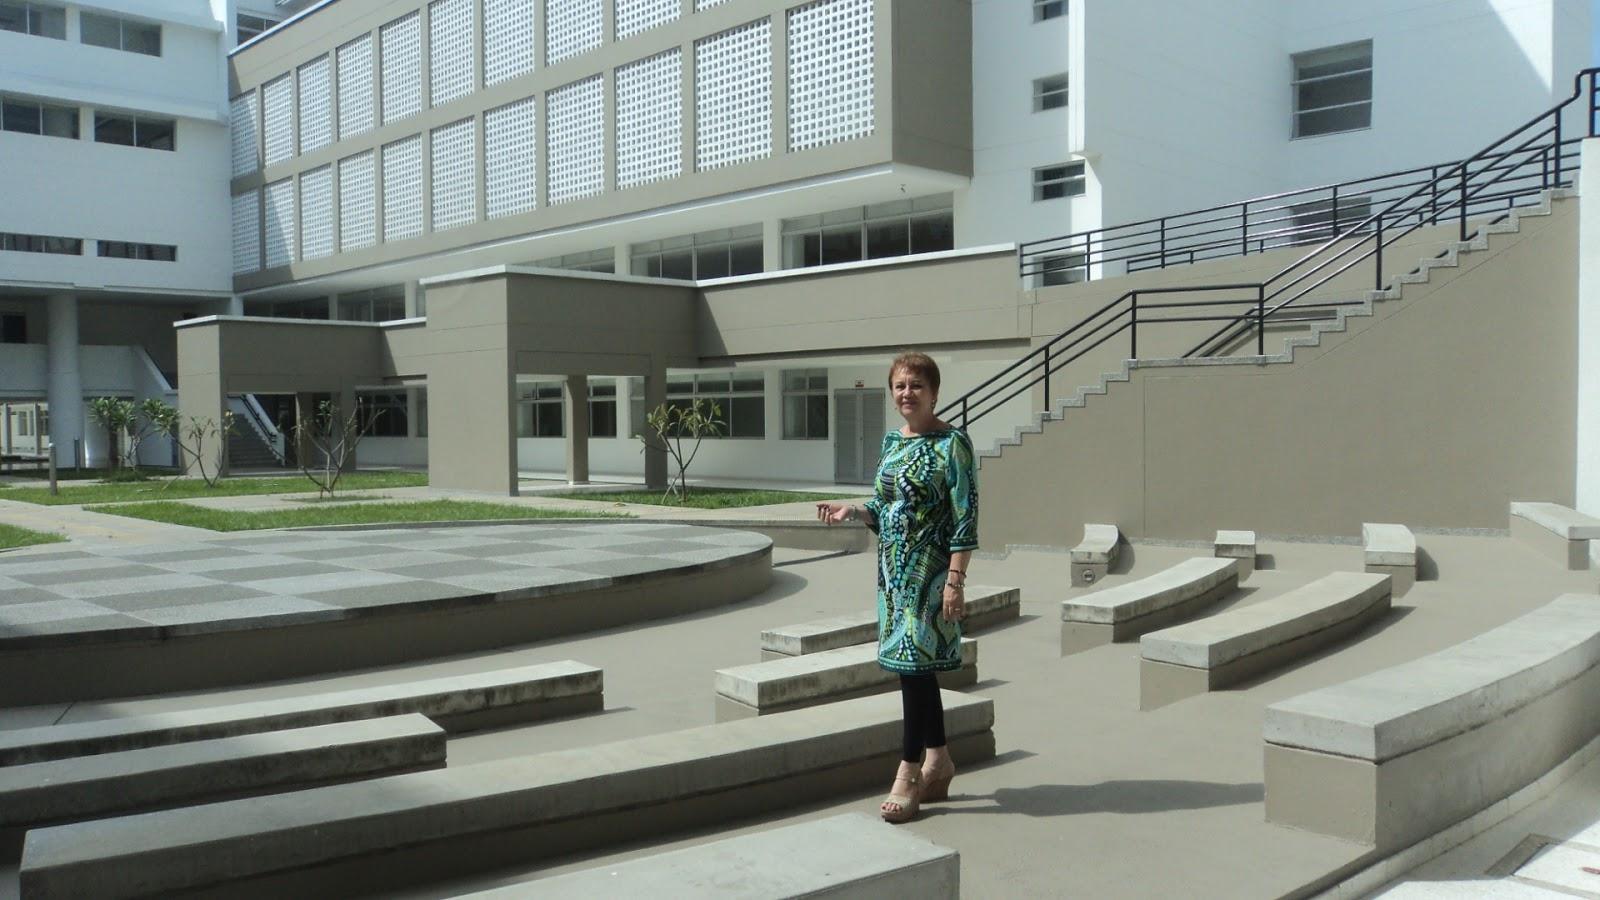 Noti poemas telepolvero universidad libre seccional cali for Archies cali ciudad jardin